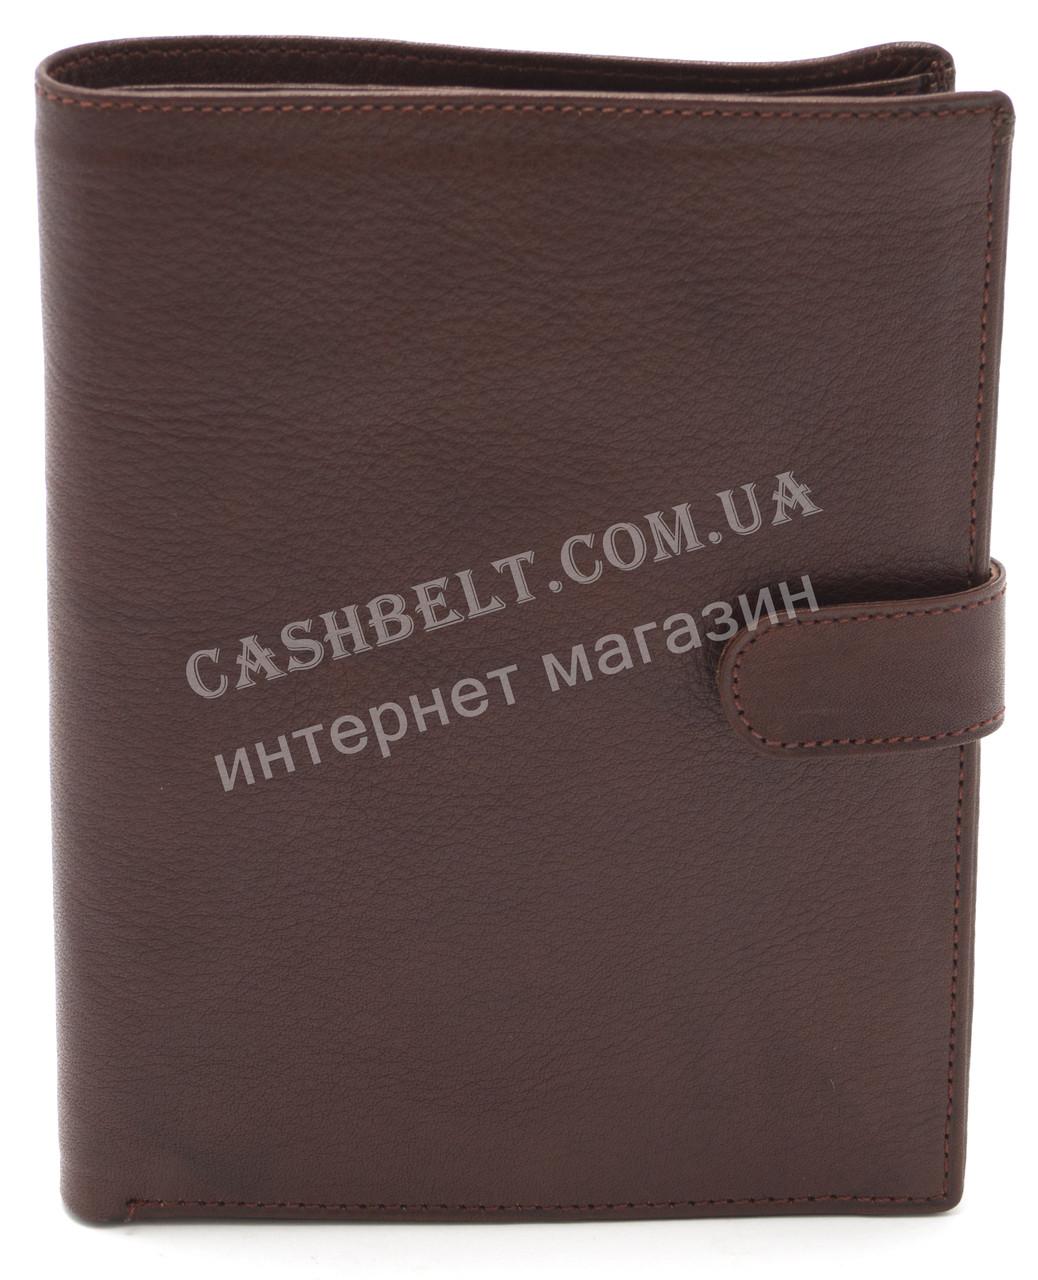 Стильный практичный кожаный мужской кошелек портмоне документница WENZ art. KB506 коричневого цвета